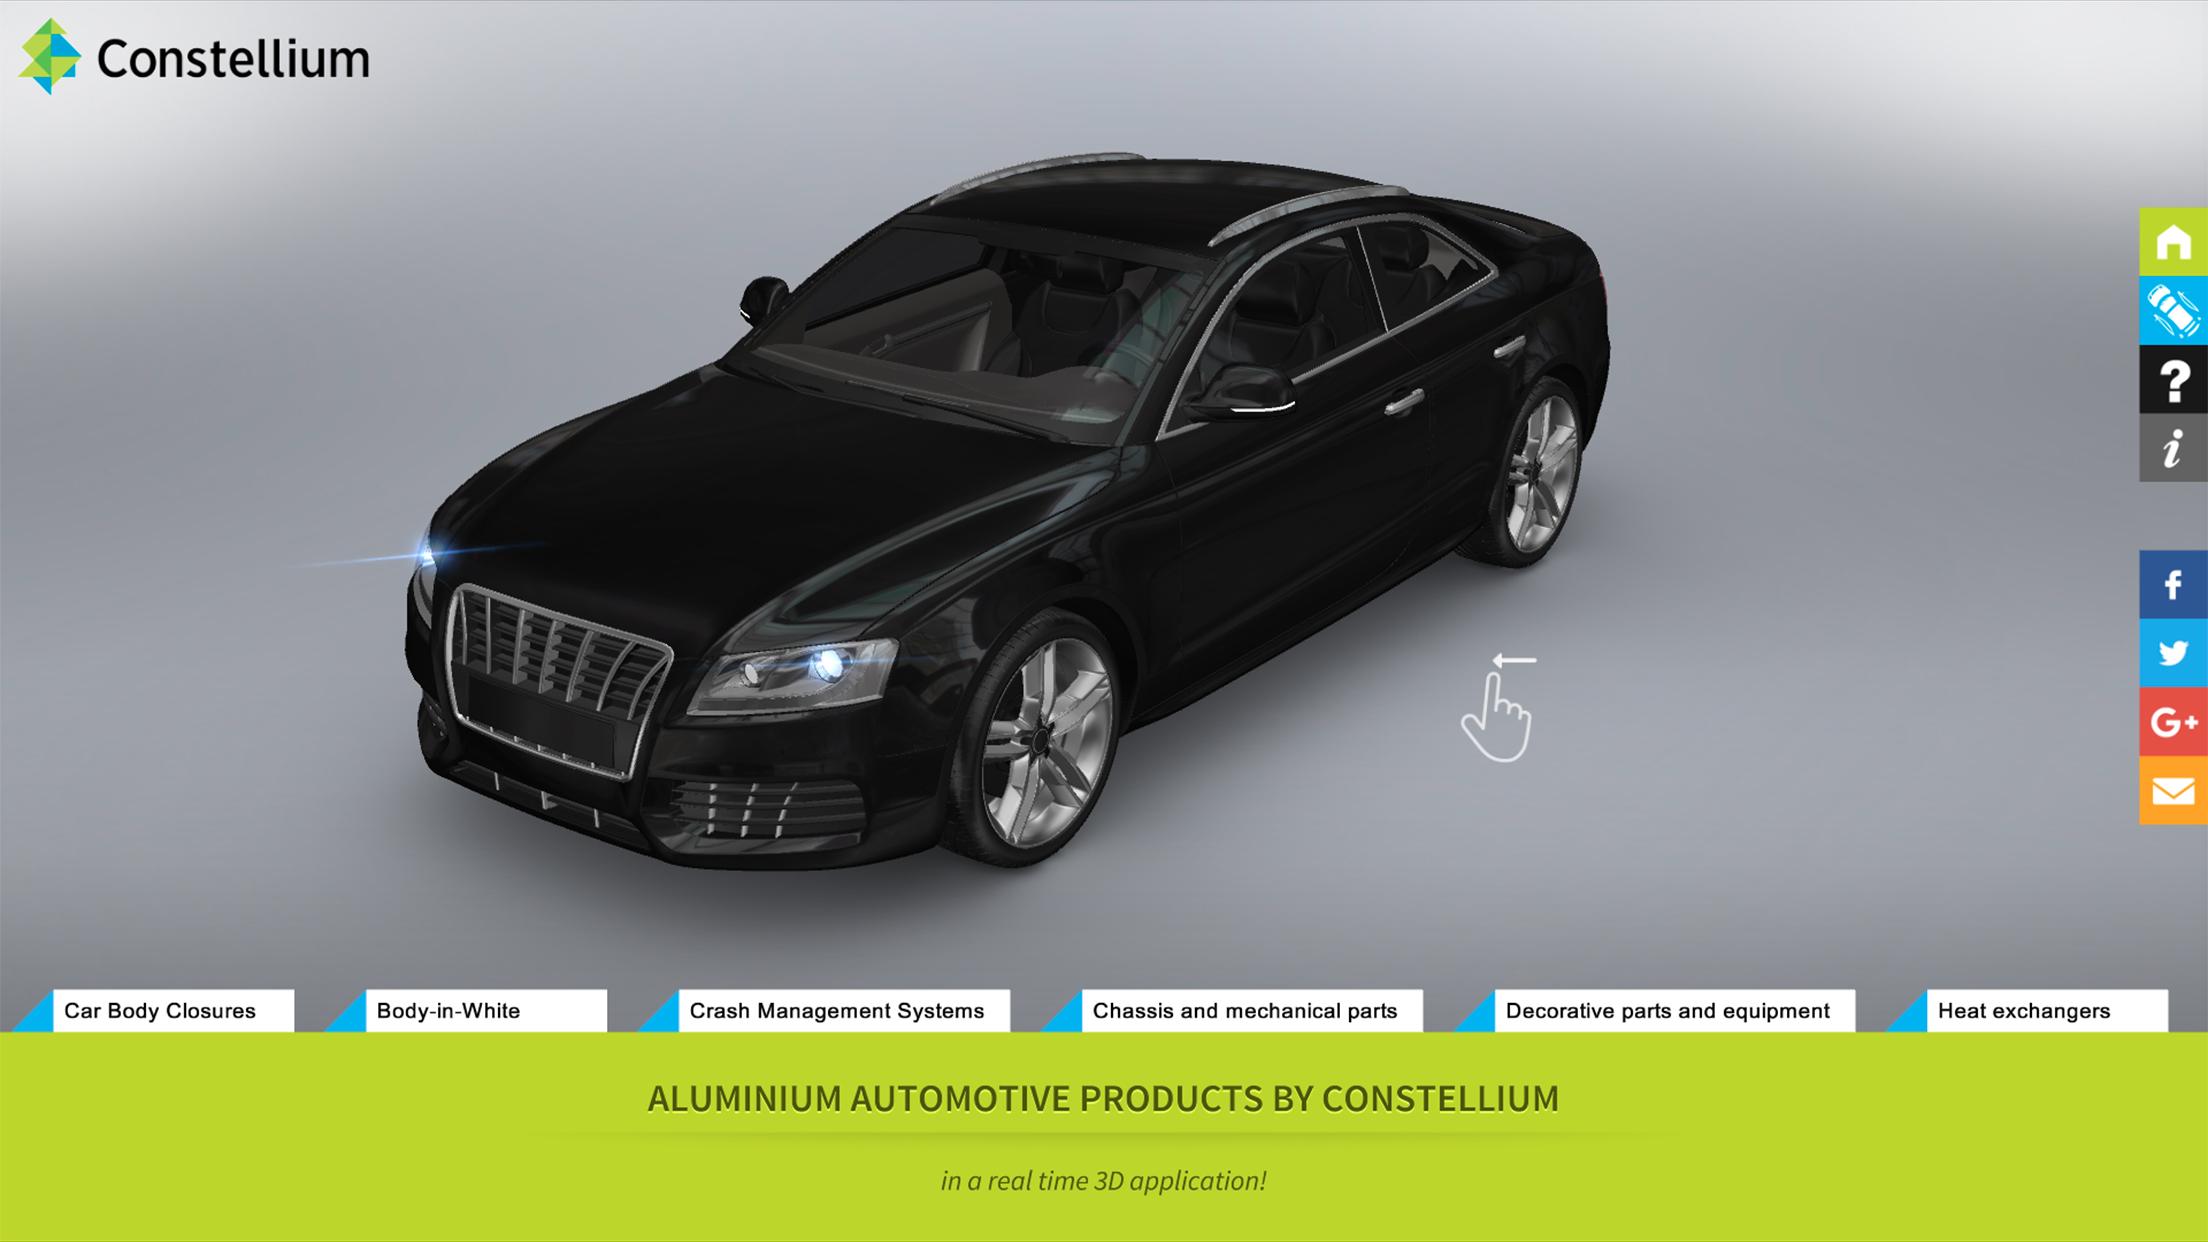 Constellium automotive products